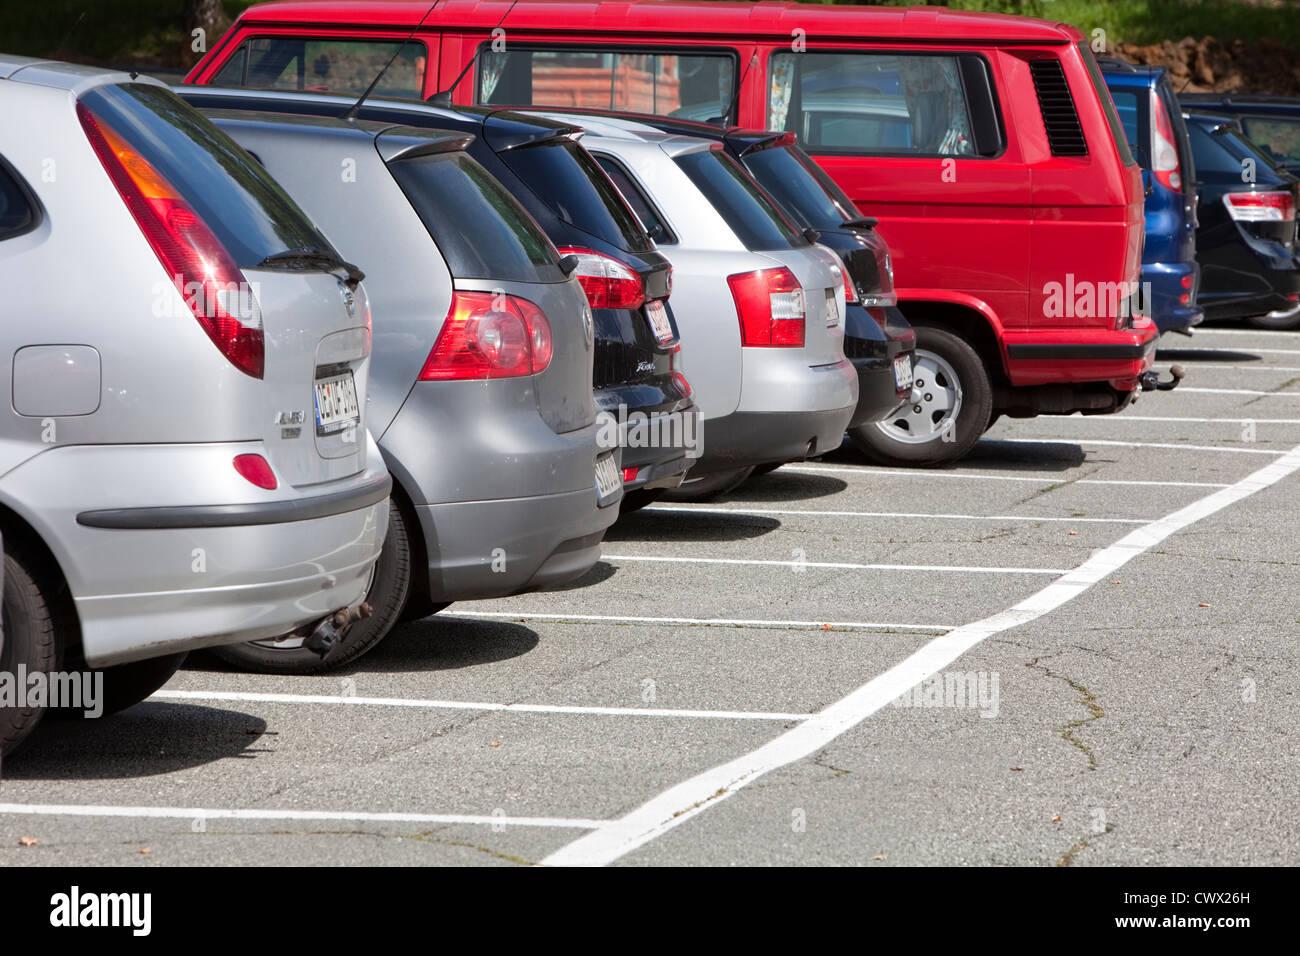 Zona de aparcamiento ocupadas, concepto de imagen, plazas de aparcamiento en Alemania, Europa Imagen De Stock